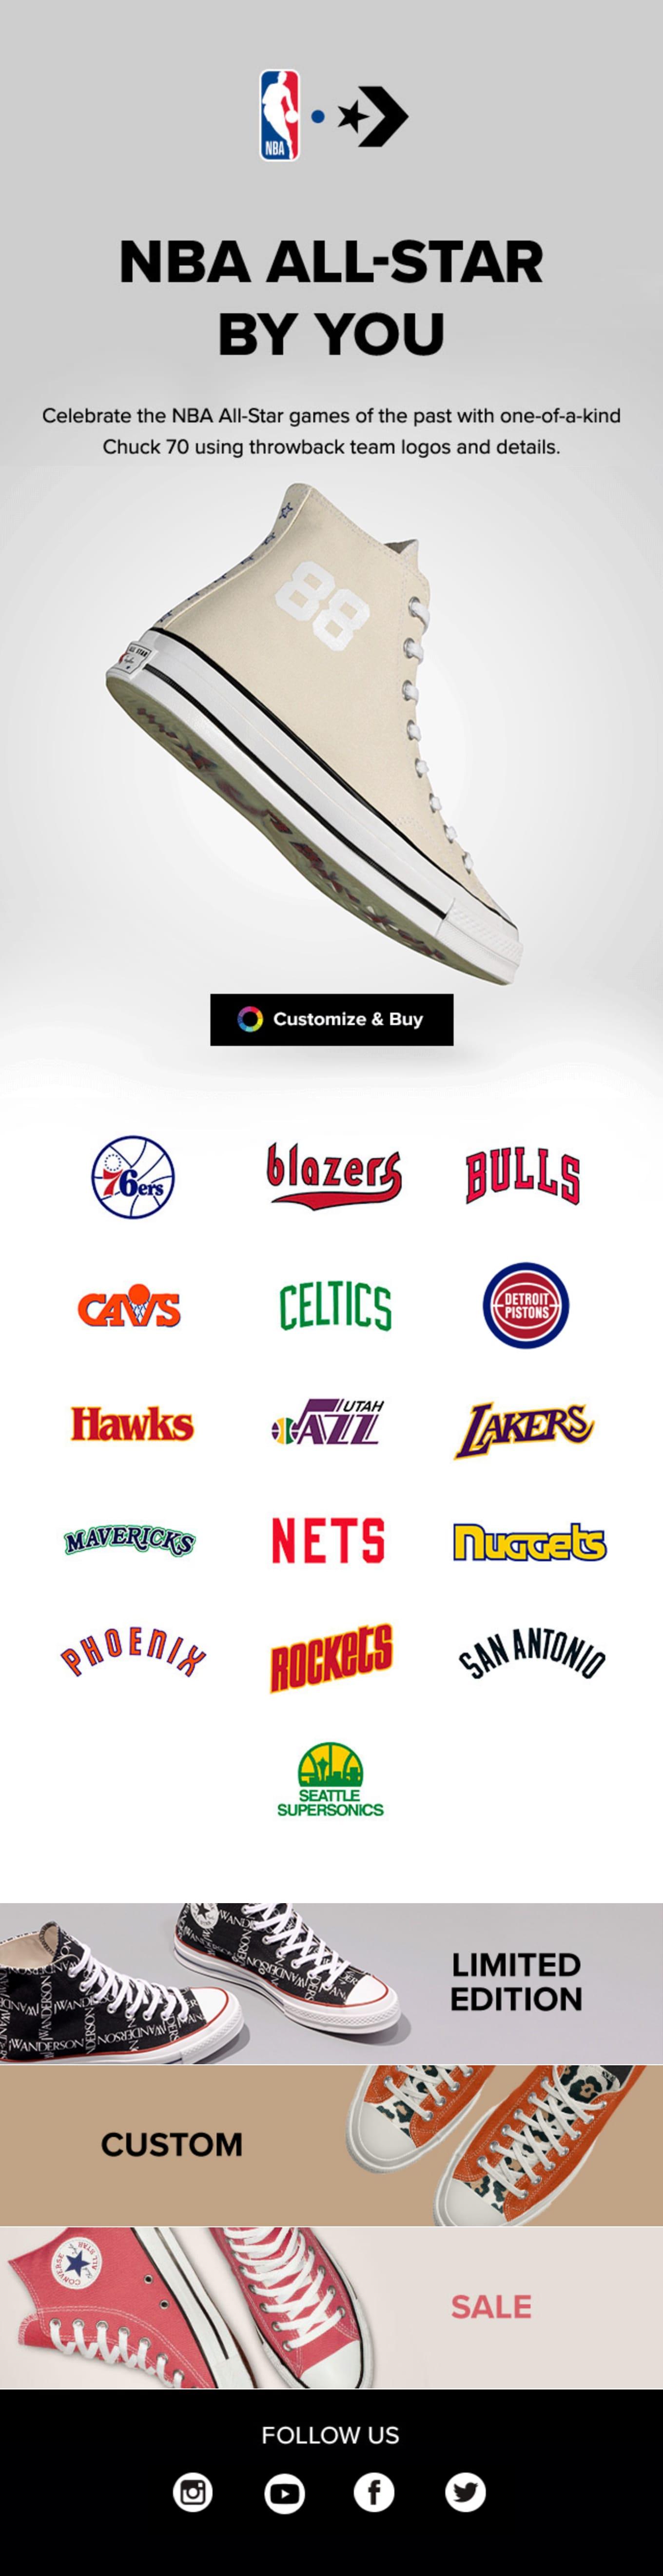 Custom NBA All-Star Pack Email Screenshot